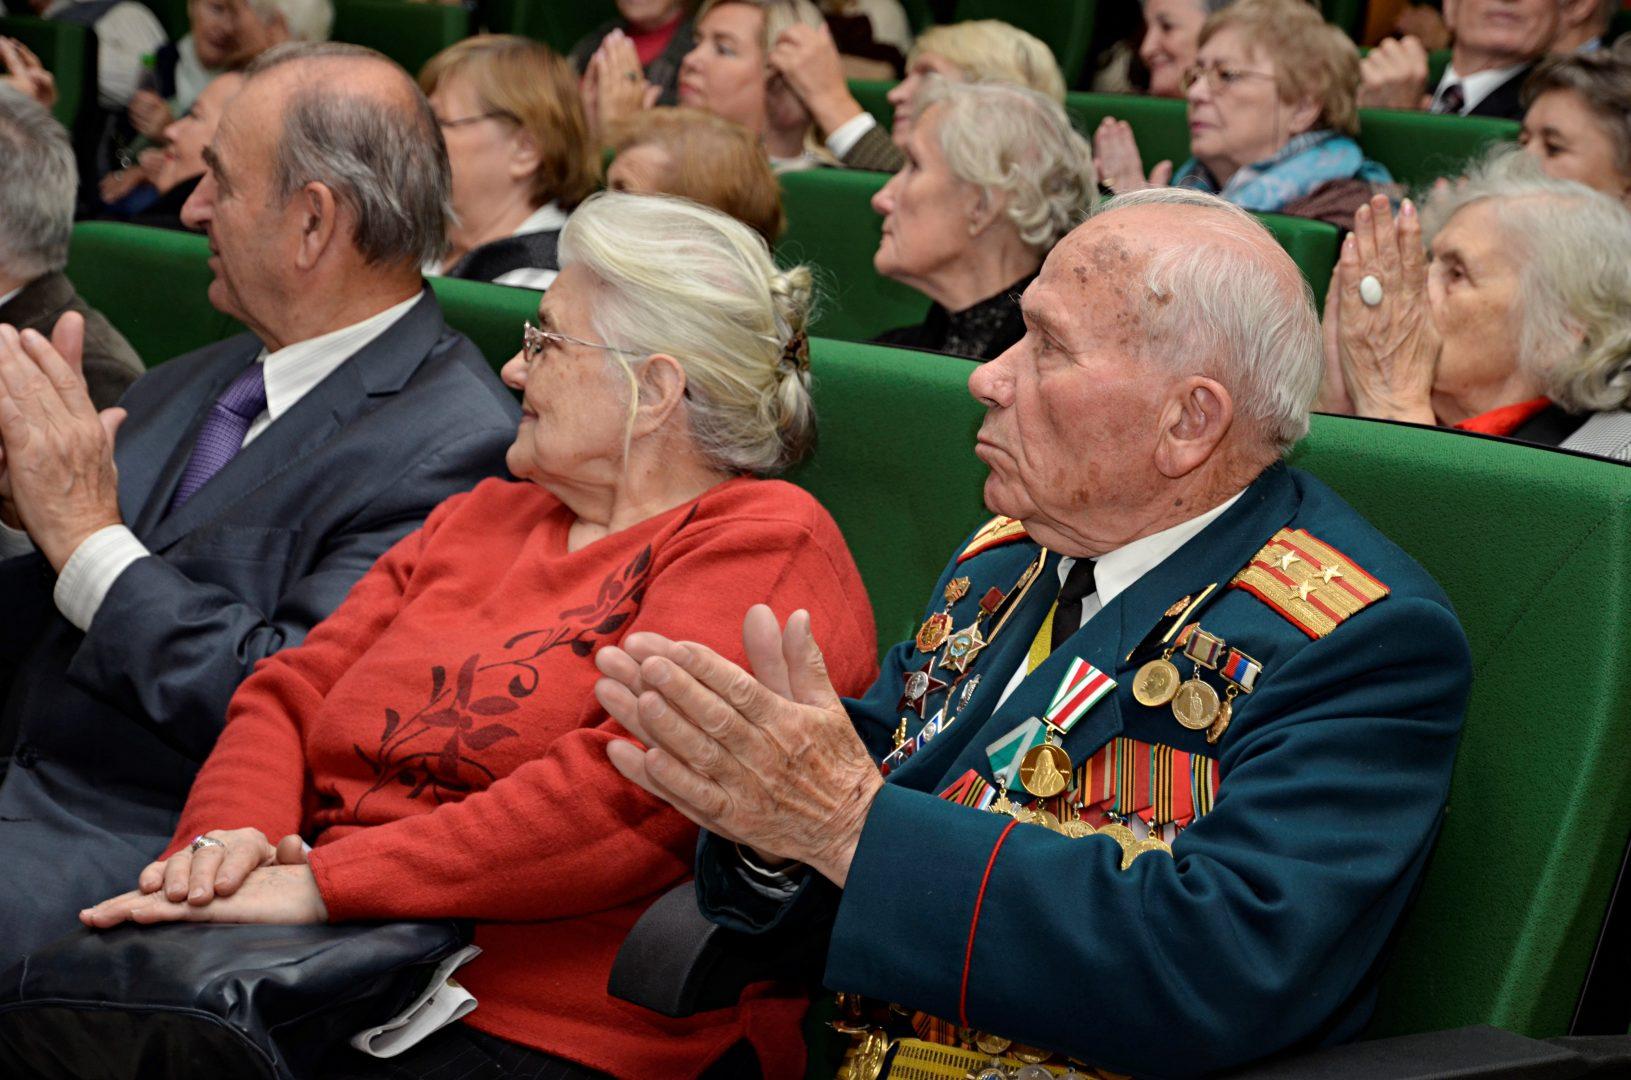 Собянин поздравил ветеранов с годовщиной контрнаступления в Битве за Москву. Фото: архив